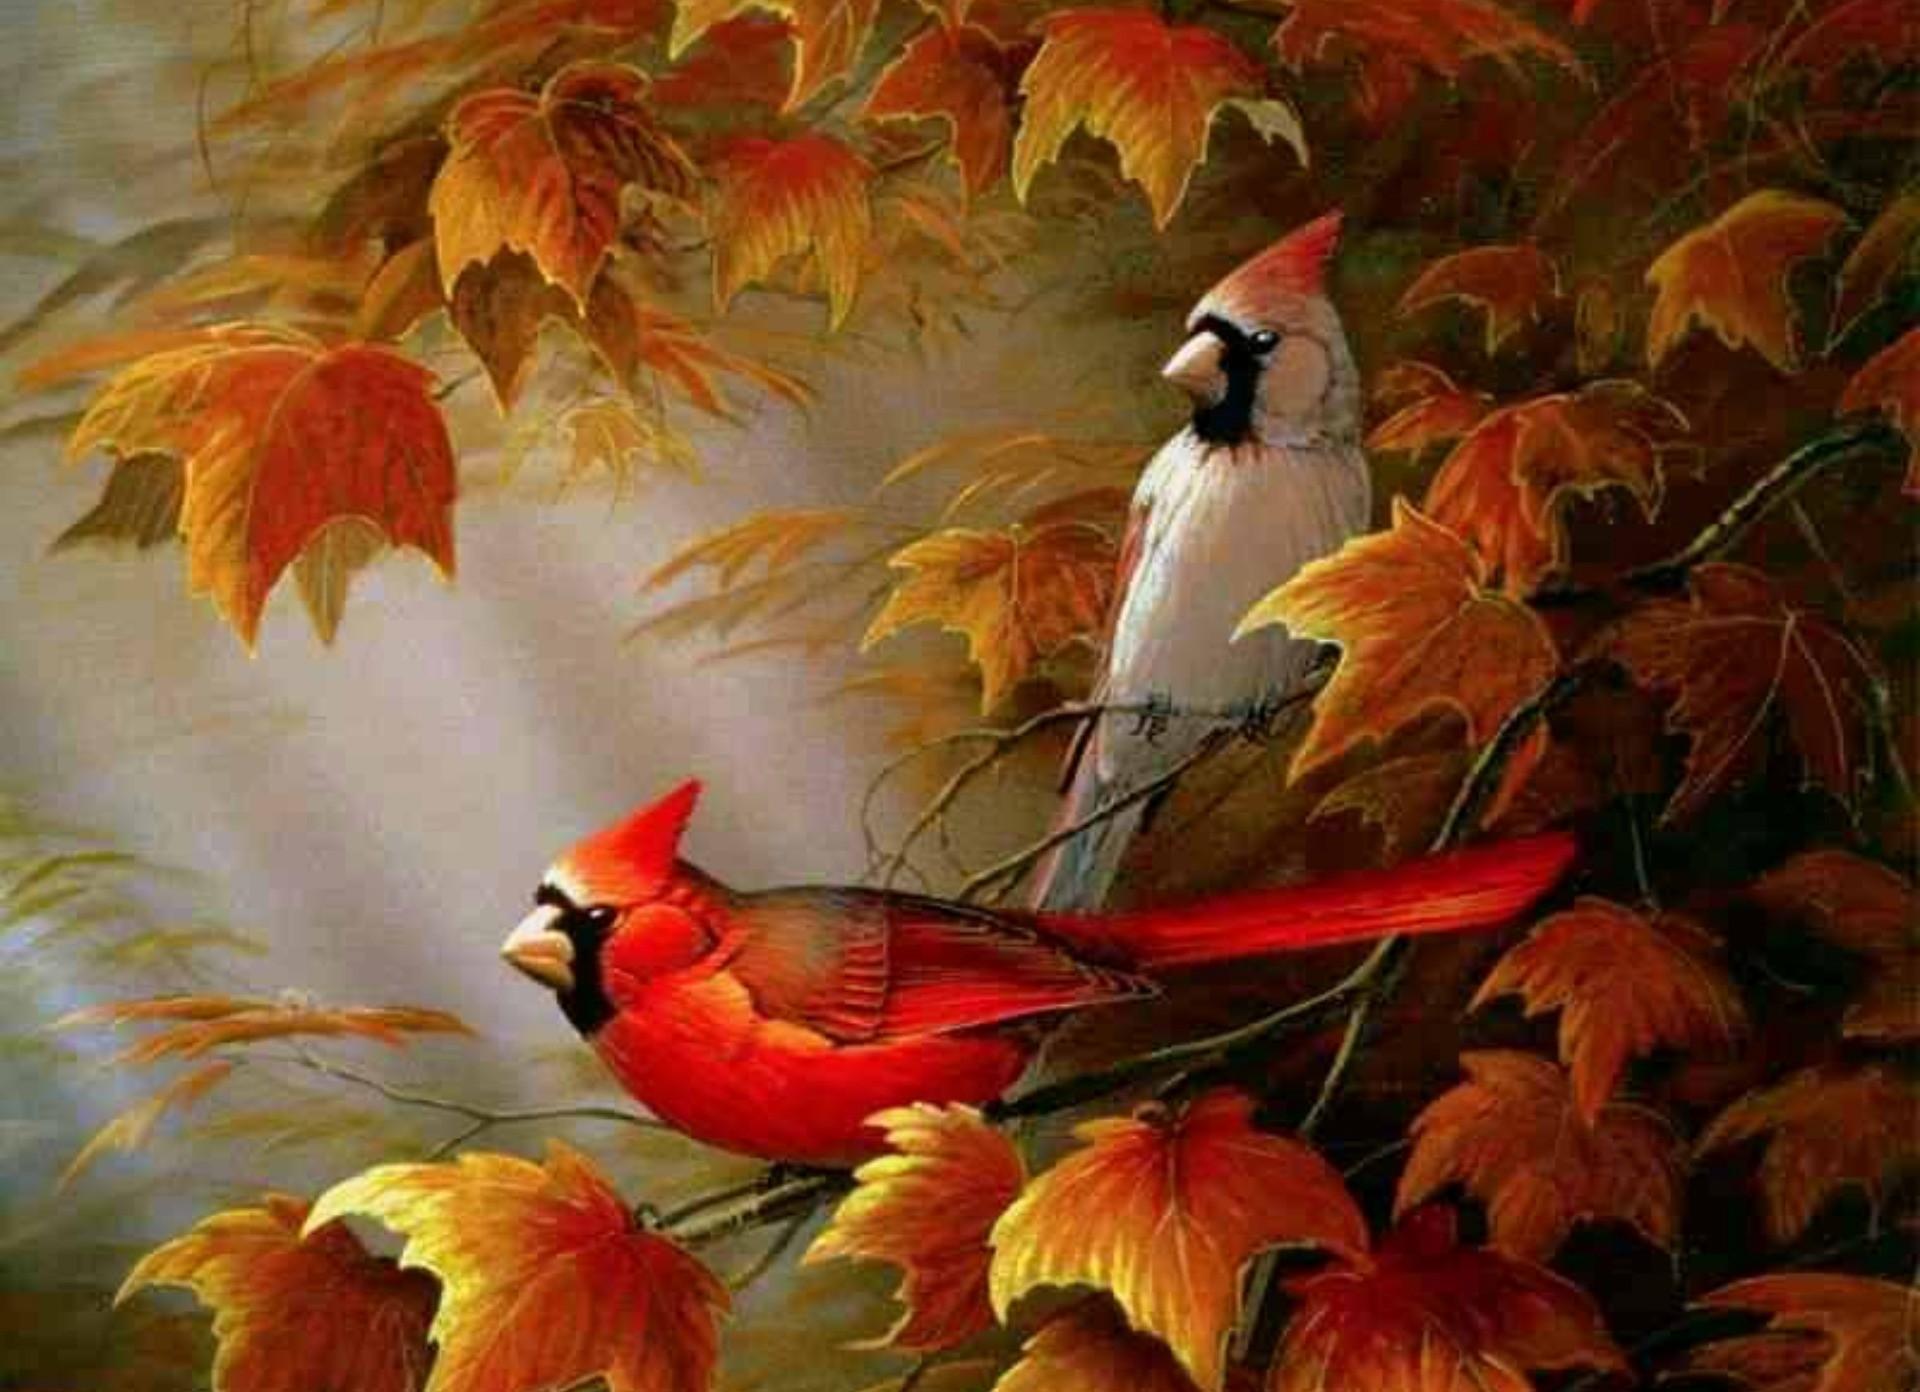 Cardinals birds – Autumn Cardinals Wallpapers – HD Wallpapers 95116